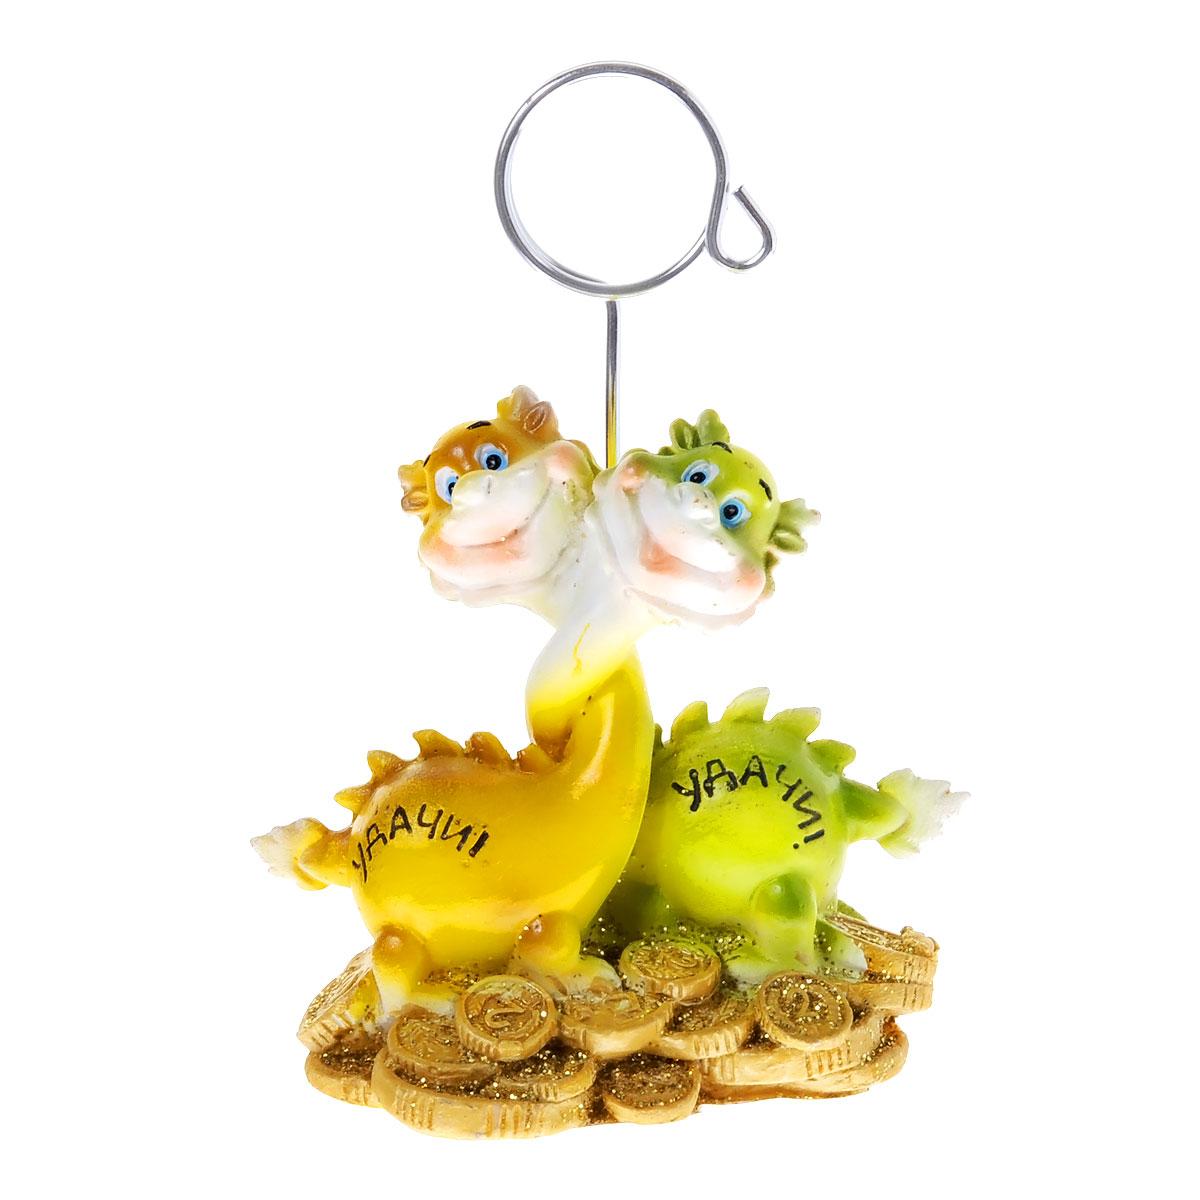 Статуэтка декоративная Lunten Ranta Радужный дракончик, с держателем для карточек, цвет: желтыйNLED-420-1.5W-RОчаровательная статуэтка Lunten Ranta Радужный дракончик станет оригинальным подарком для всех любителей стильных вещей. Она выполнена из полирезины в виде дракончиков с монетками. Статуэтка оснащена металлическим держателем для карточек. Изысканный сувенир станет прекрасным дополнением к интерьеру. Вы можете поставить статуэтку в любом месте, где она будет удачно смотреться, и радовать глаз.